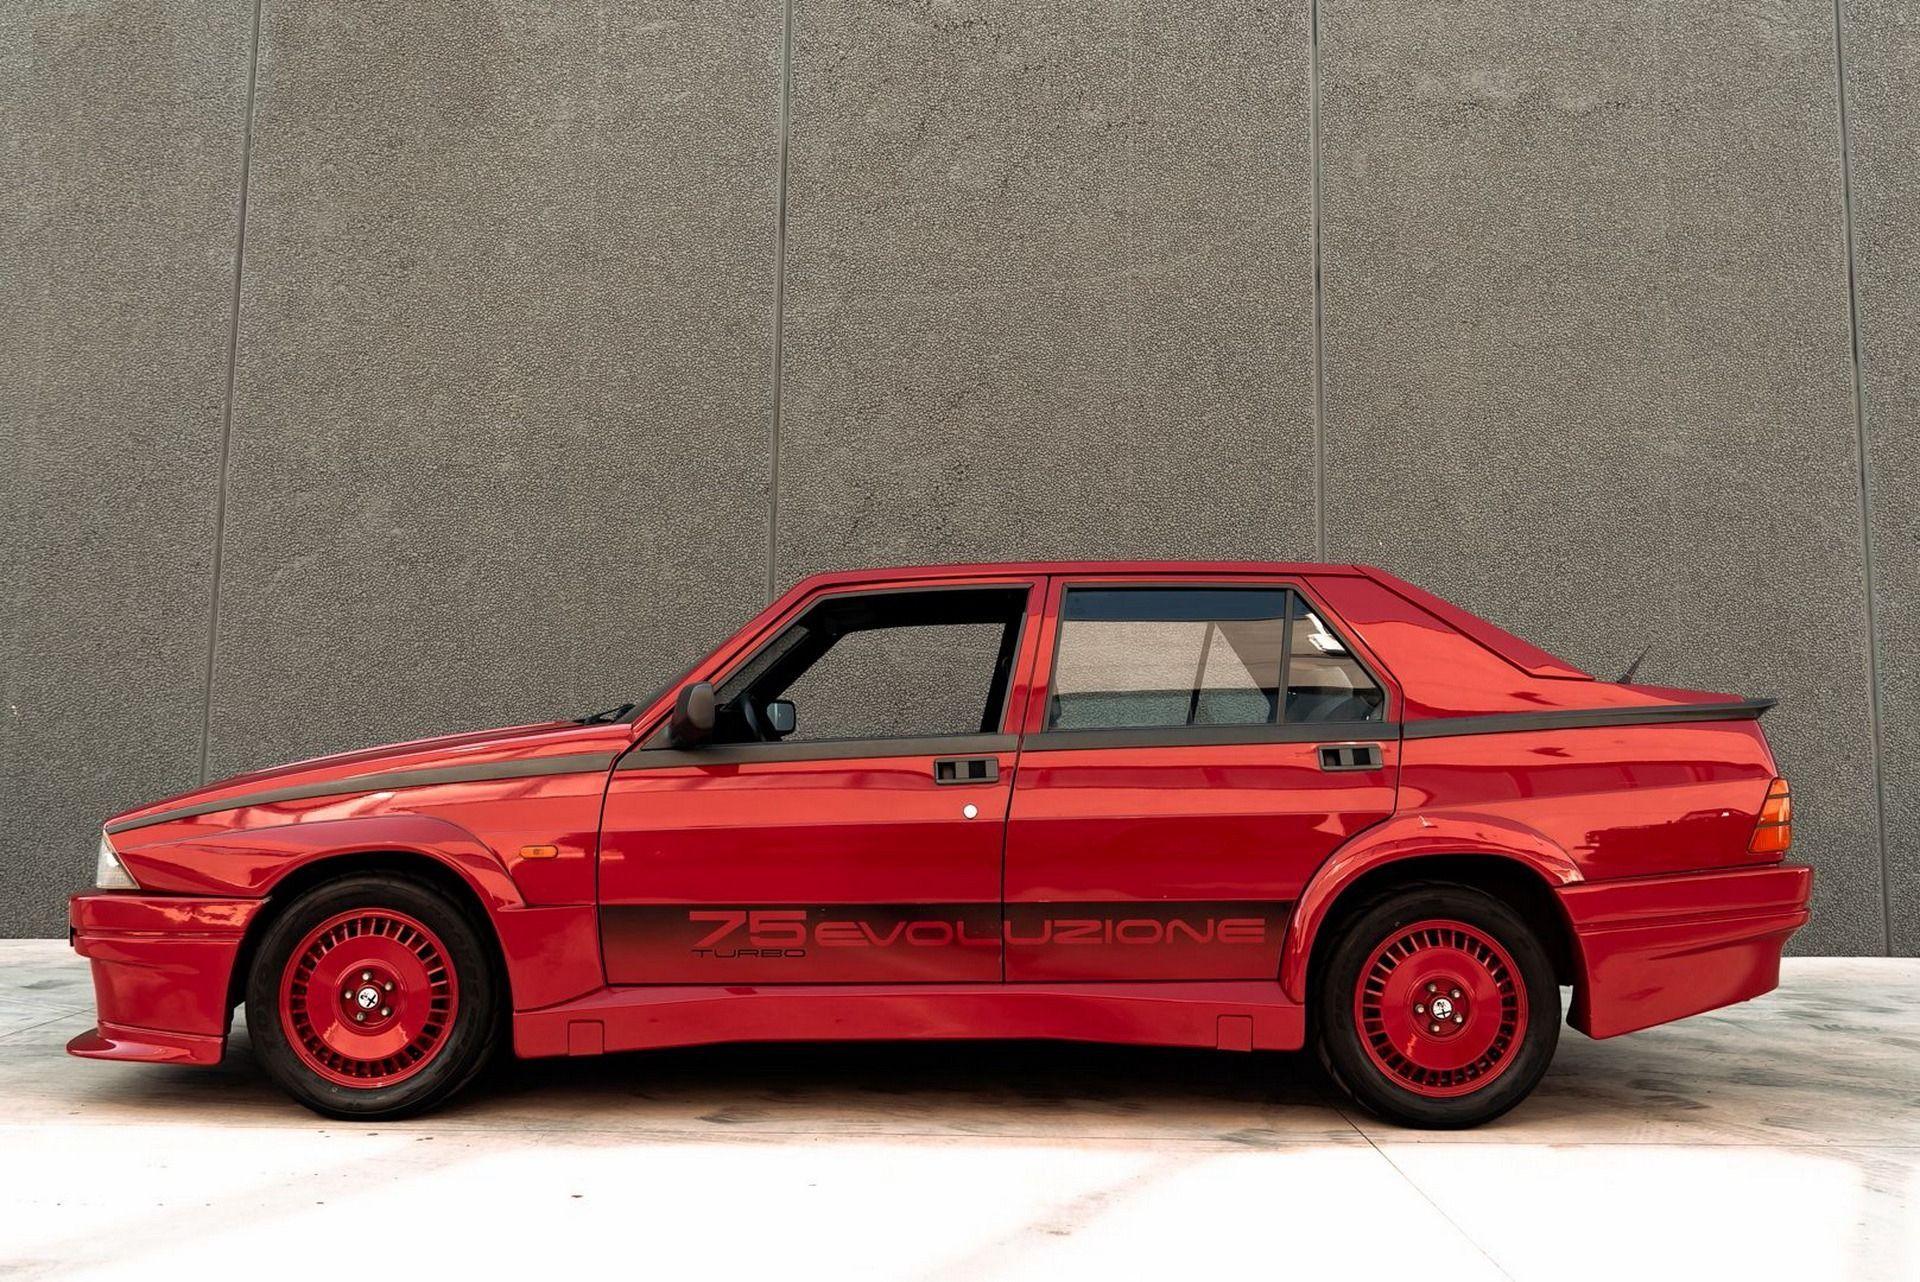 1987_Alfa_Romeo_75_Turbo_Evoluzione_sale-0012